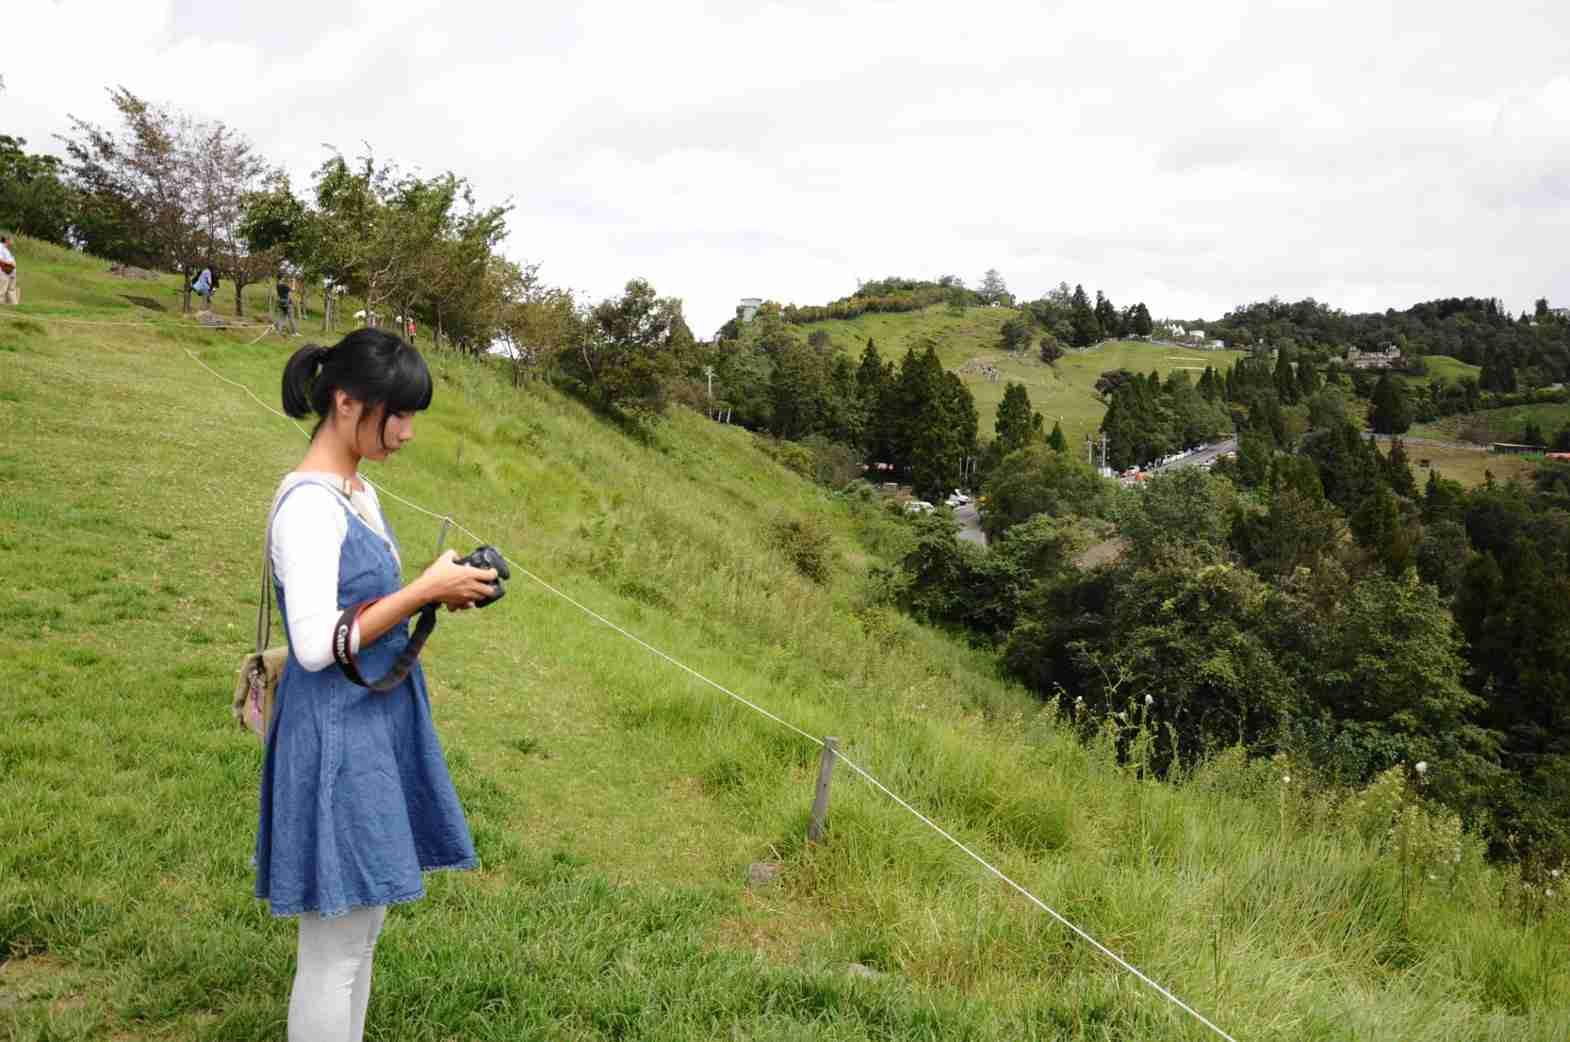 清境一日遊 |【南投仁愛】清境農場路線、景點、美食一日遊全攻略—親子出遊、情侶約會不容錯過